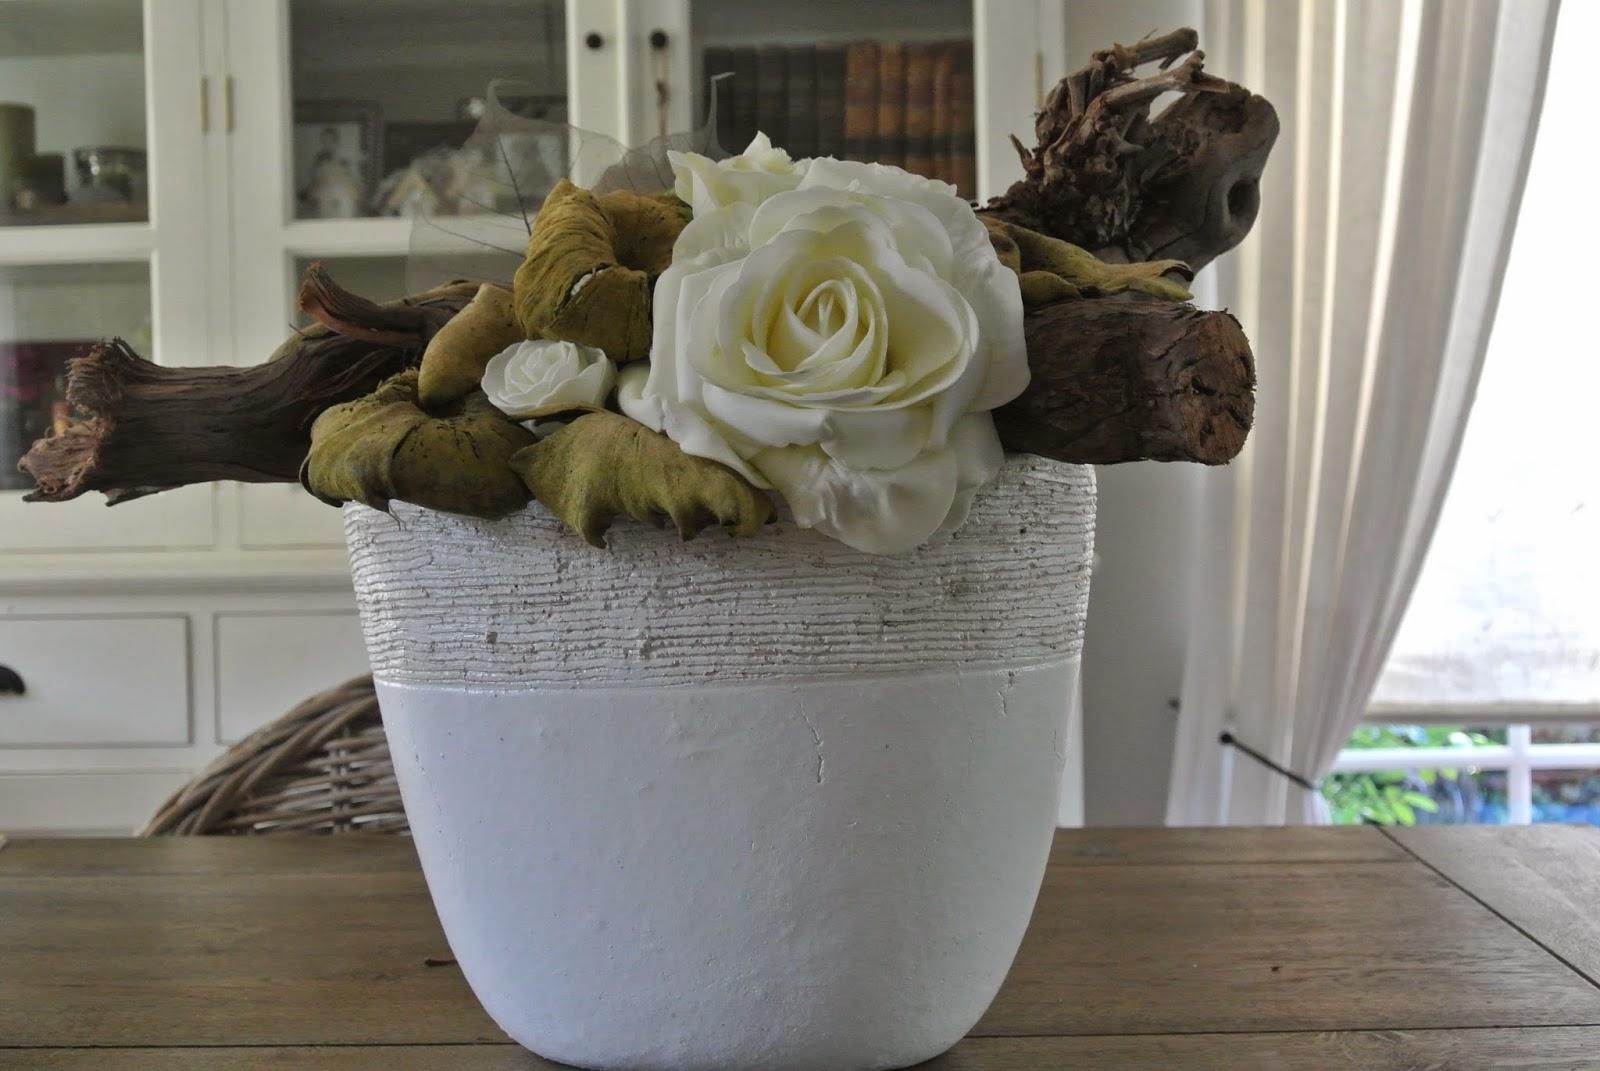 Miss milla at home decoratie voor gierigaards - Home decoratie met tomettes ...